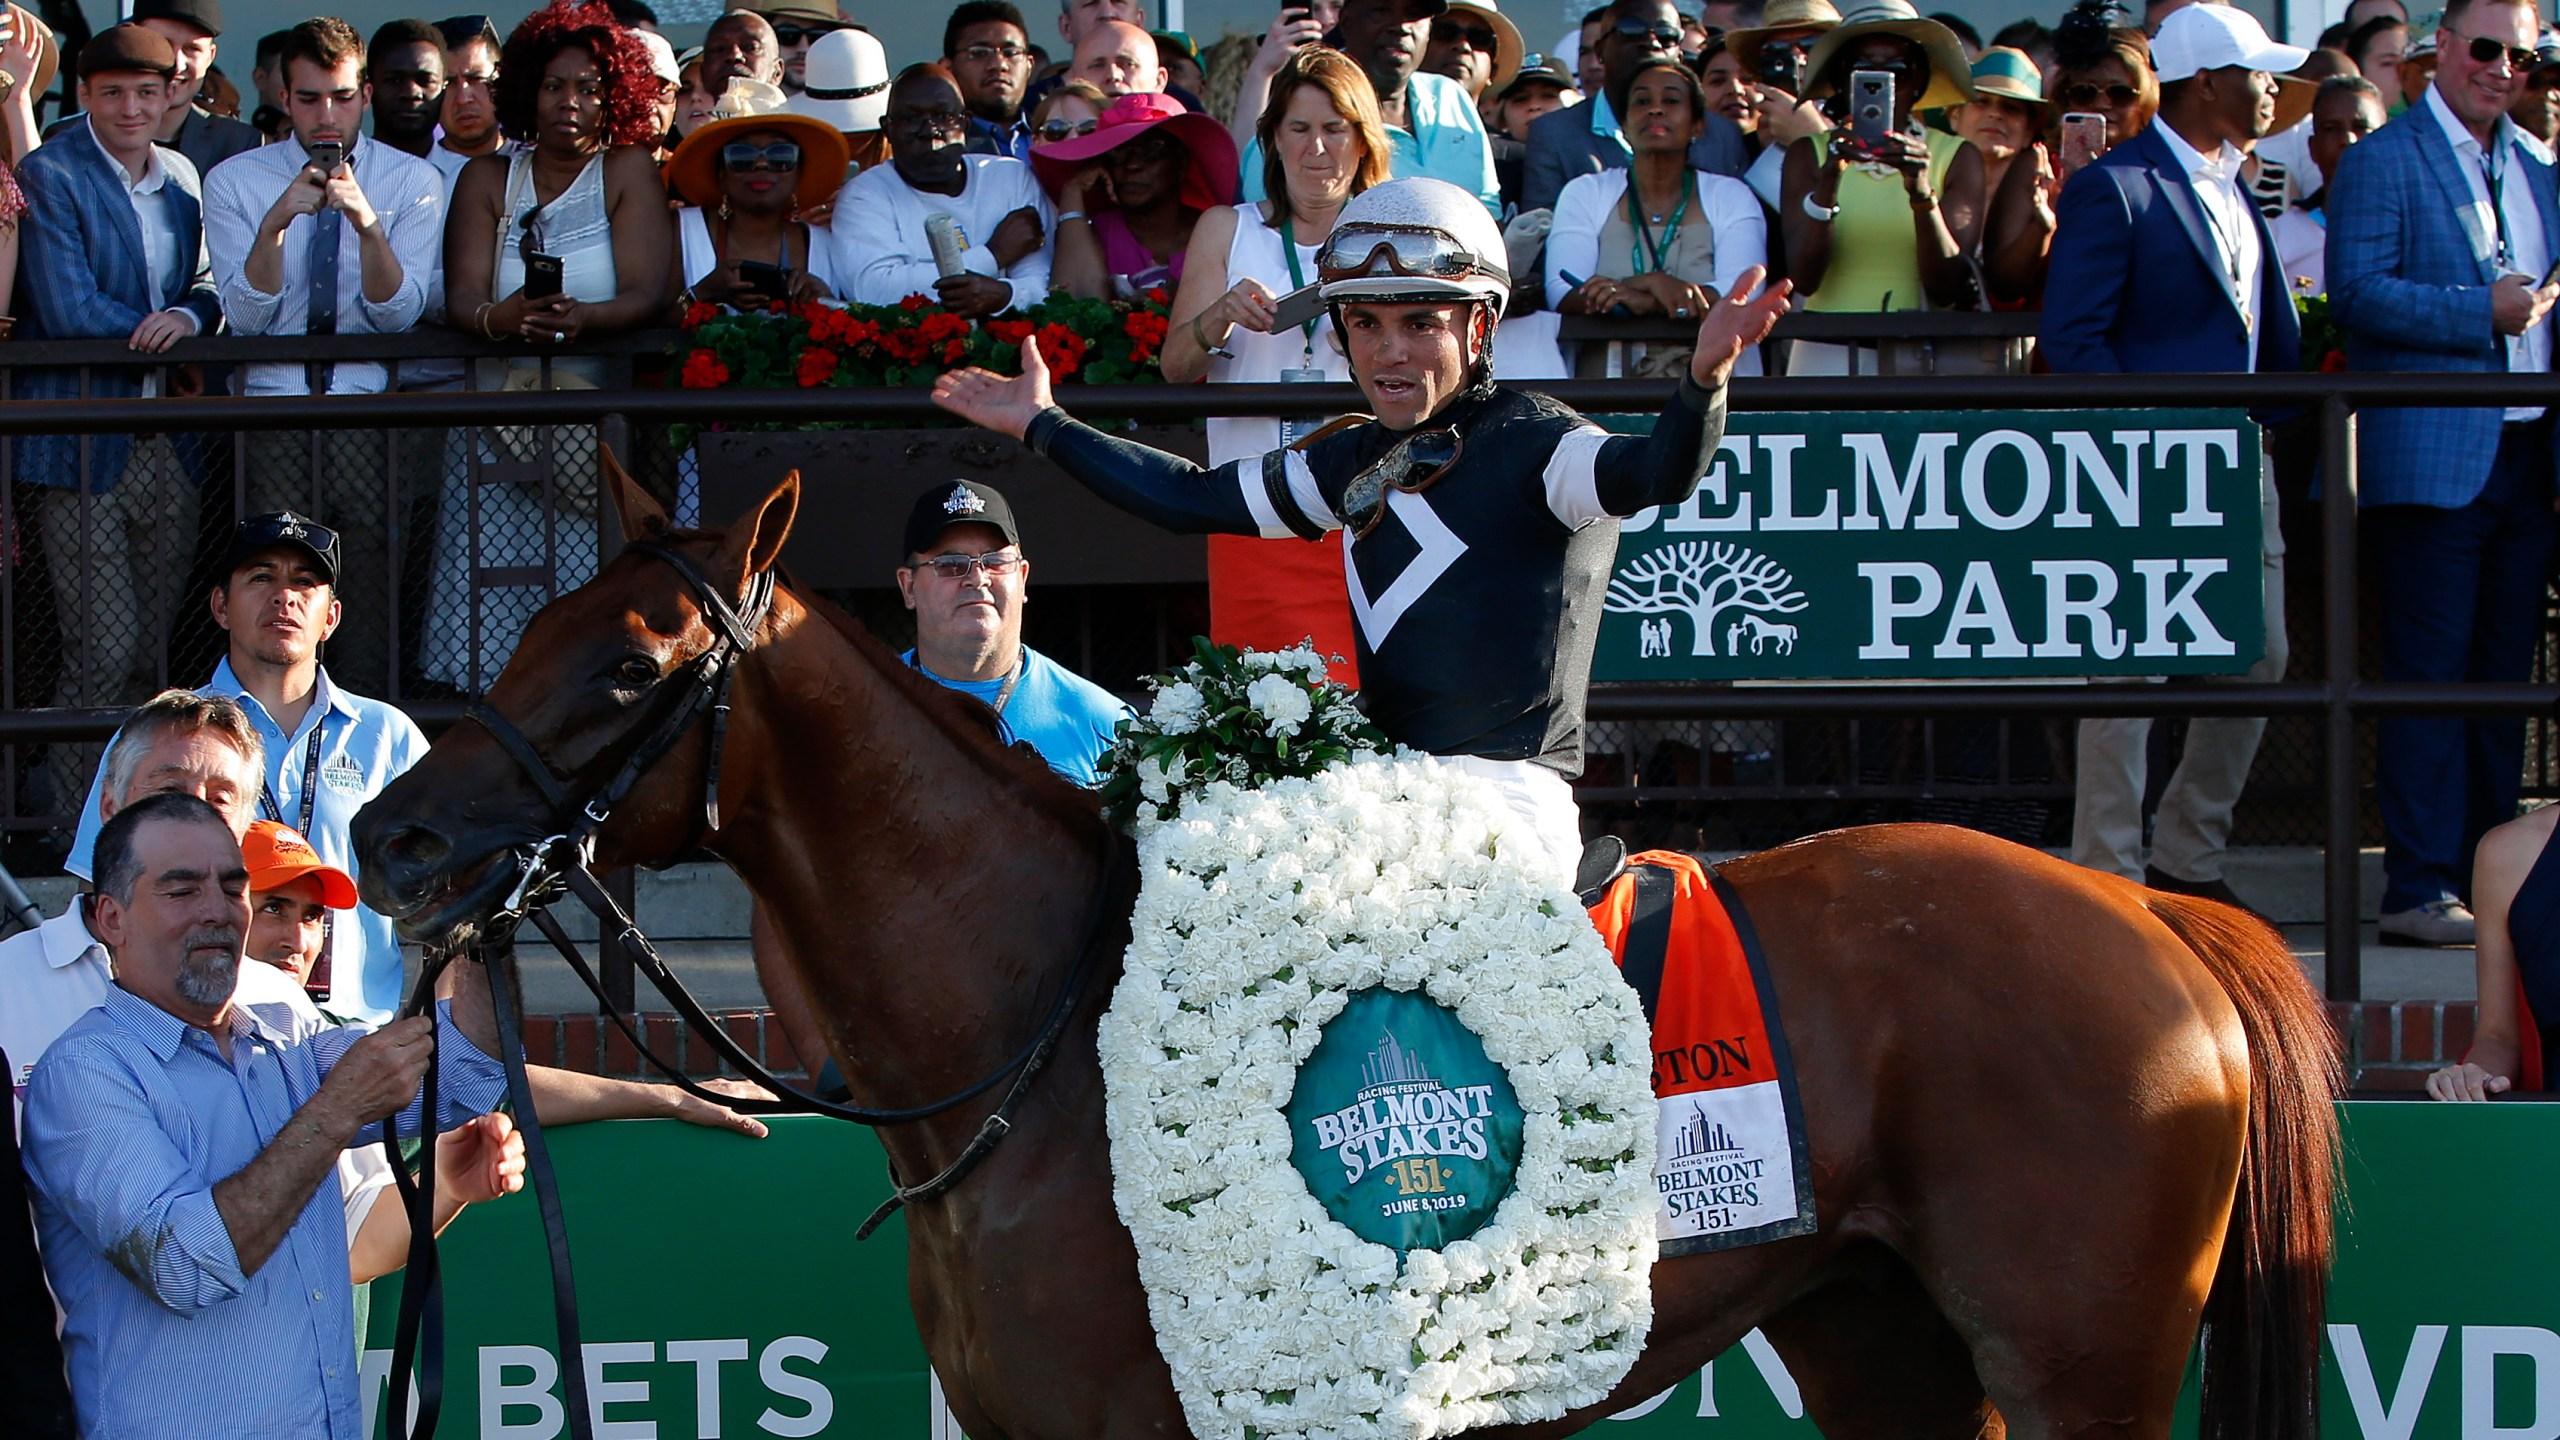 Belmont_Stakes_Horse_Racing_89015-159532.jpg37830436